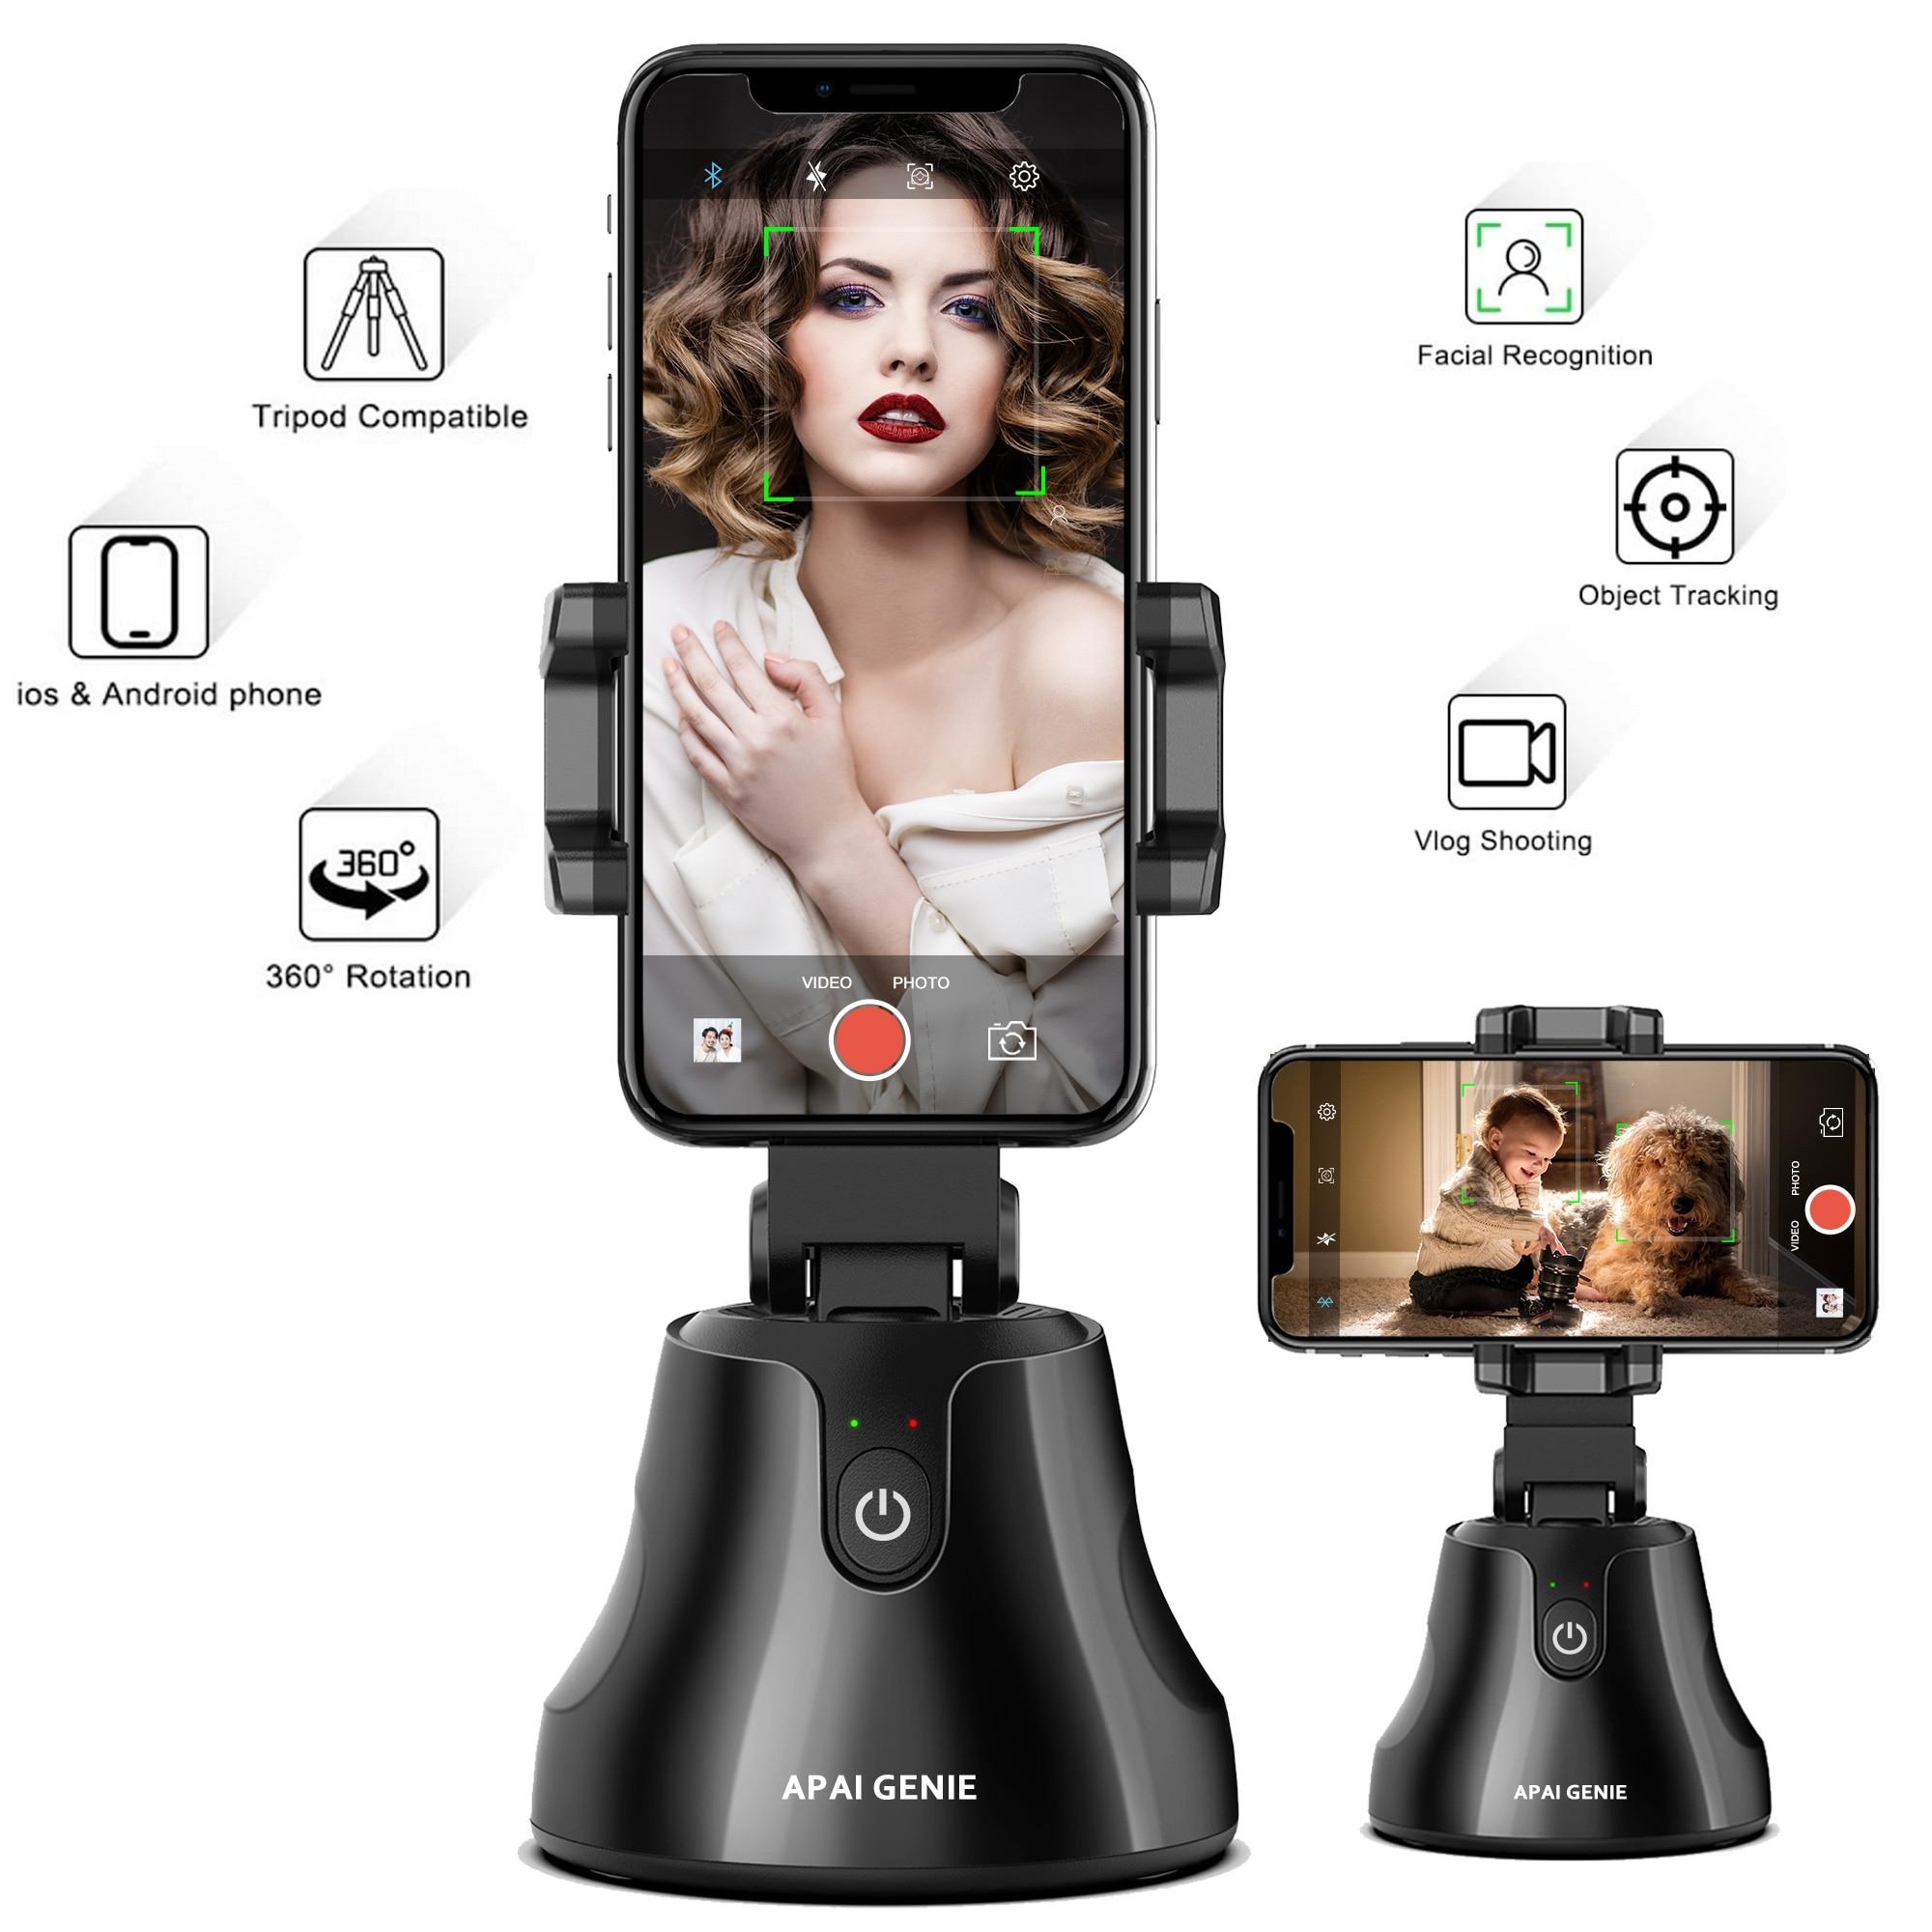 Apai Genie Support de téléphone intelligent rotatif à 360° pour suivi du visage et des objets